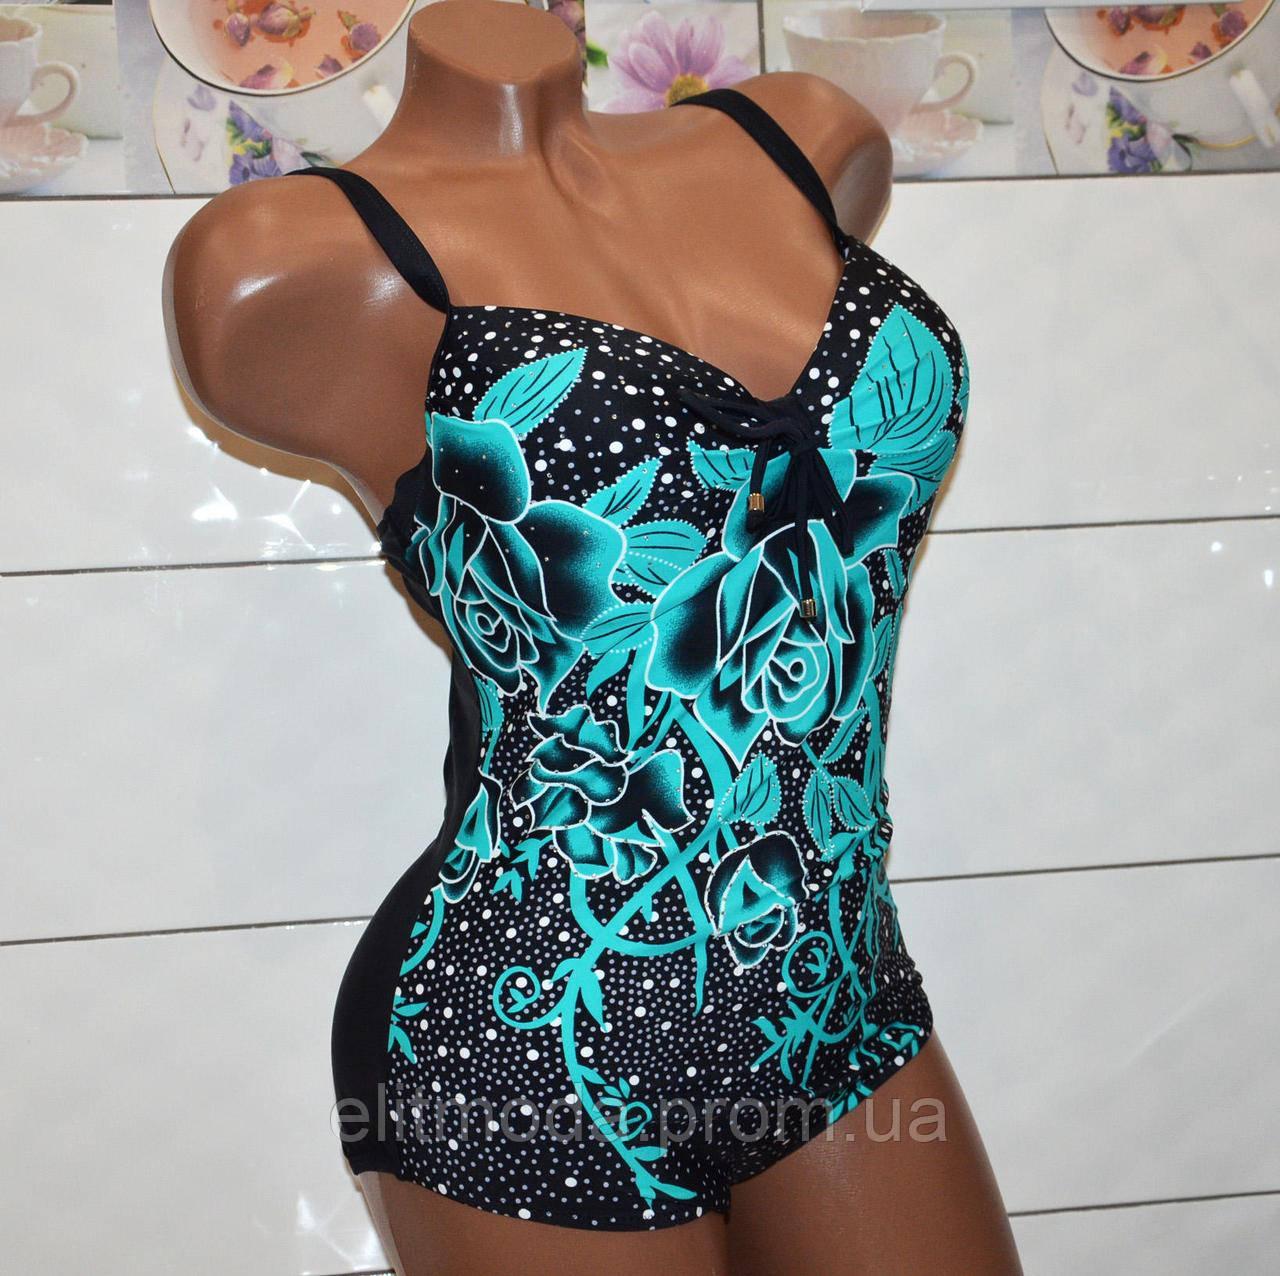 c0b26222908b1 Стильный модельный черный купальник на женскую фигуру, открытая спинка. -  Интернет